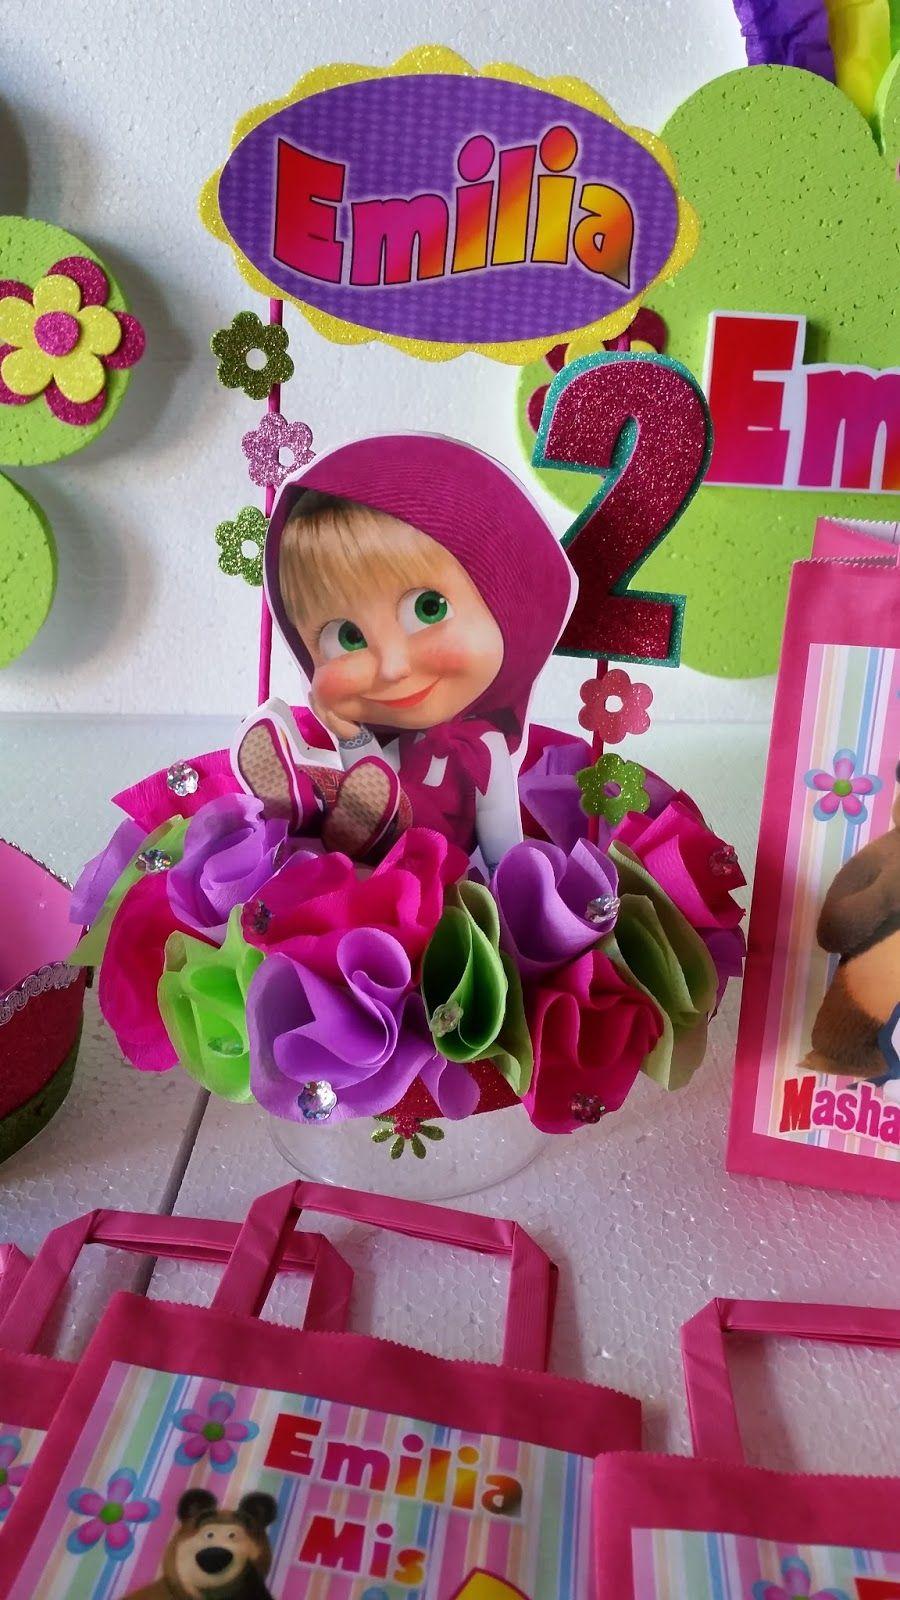 Decoraciones infantiles masha y el oso cumple masha for Decoraciones infantiles